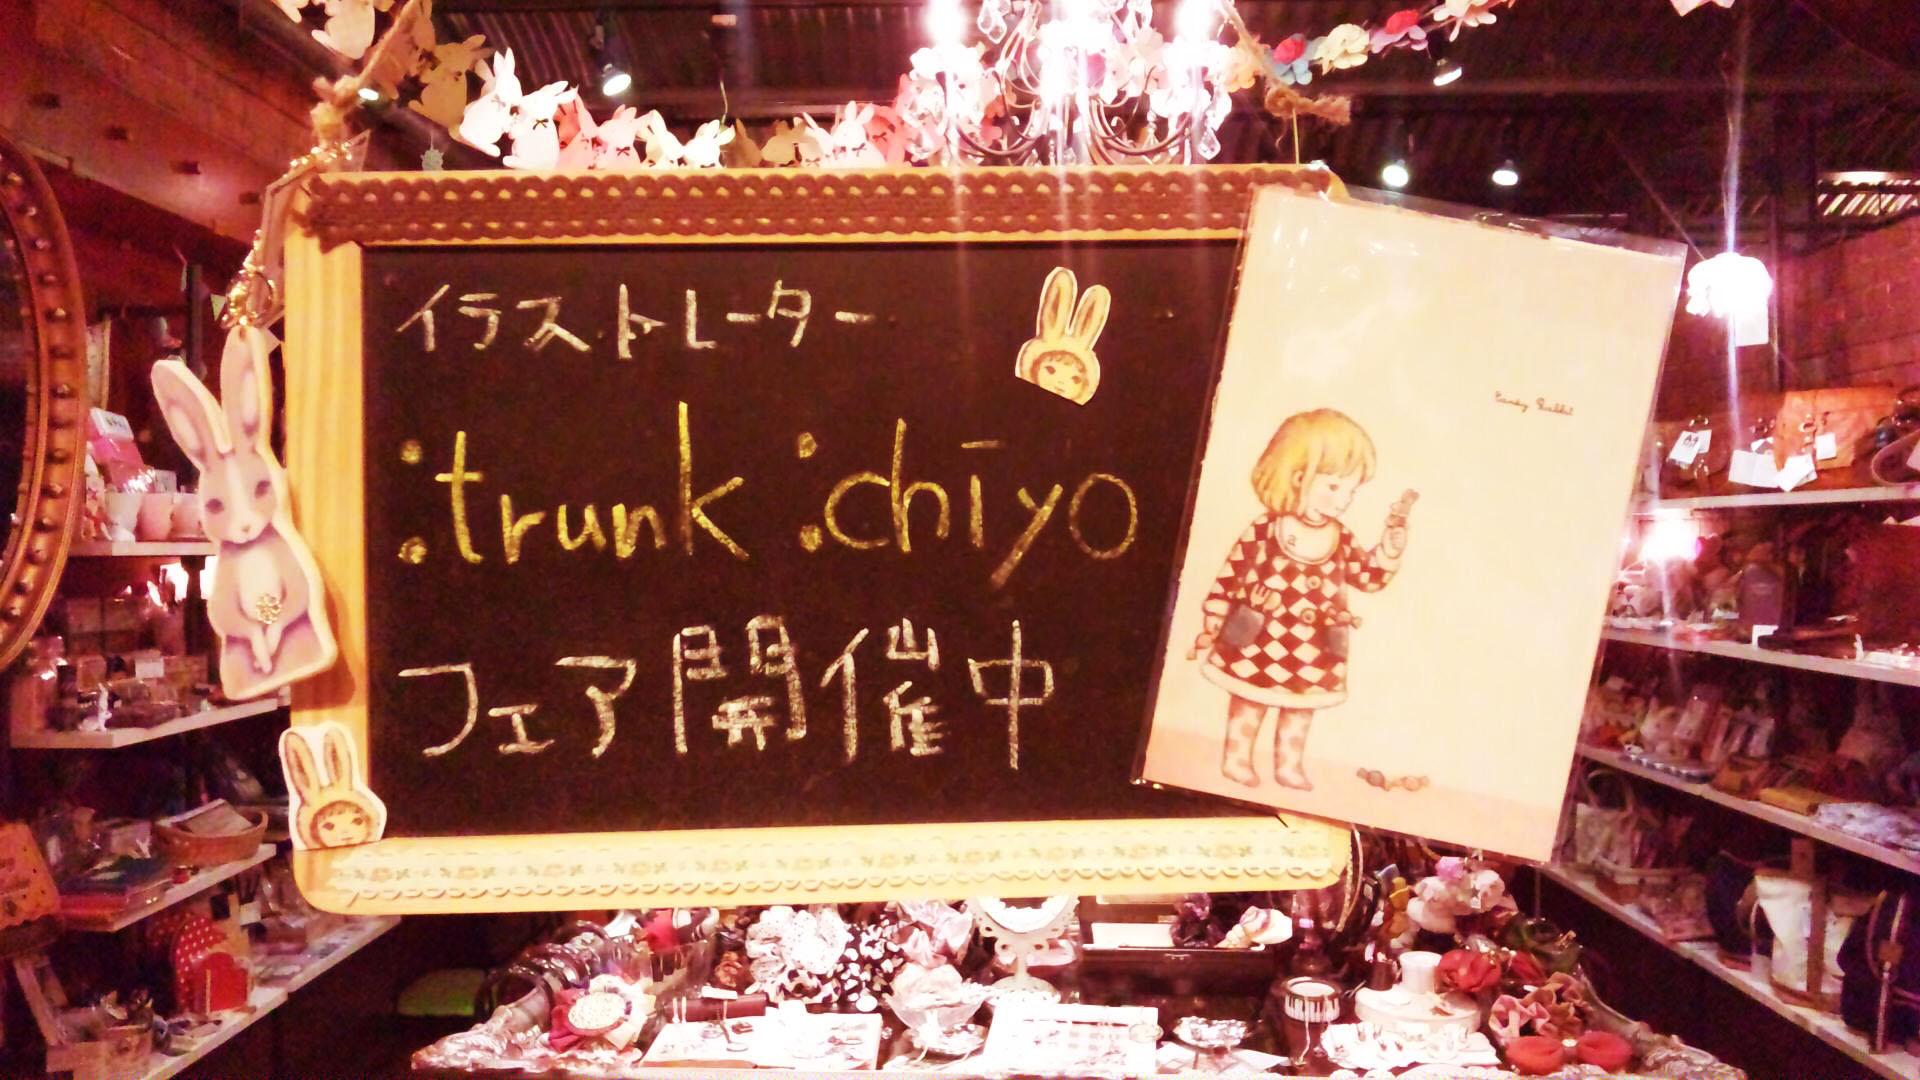 """横浜赤レンガ\""""Rabbit DEPARTMENT\""""店内にてフェア開催中♪_f0223074_21512373.jpg"""